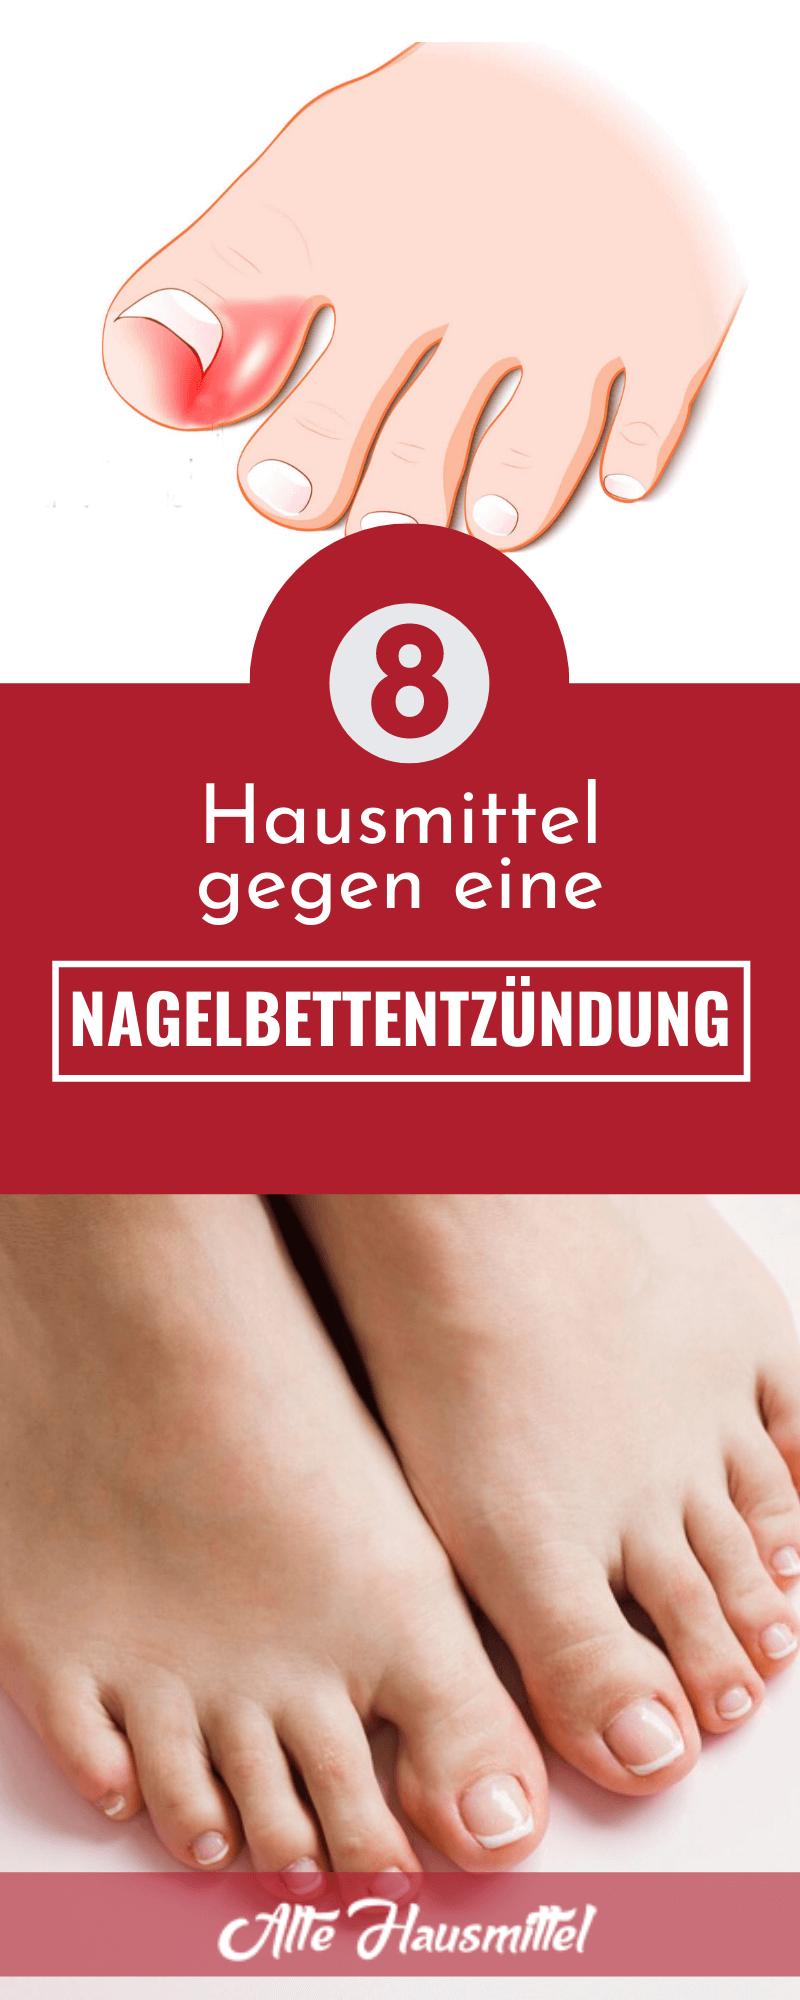 Hausmittel gegen eine Nagelbettentzündung